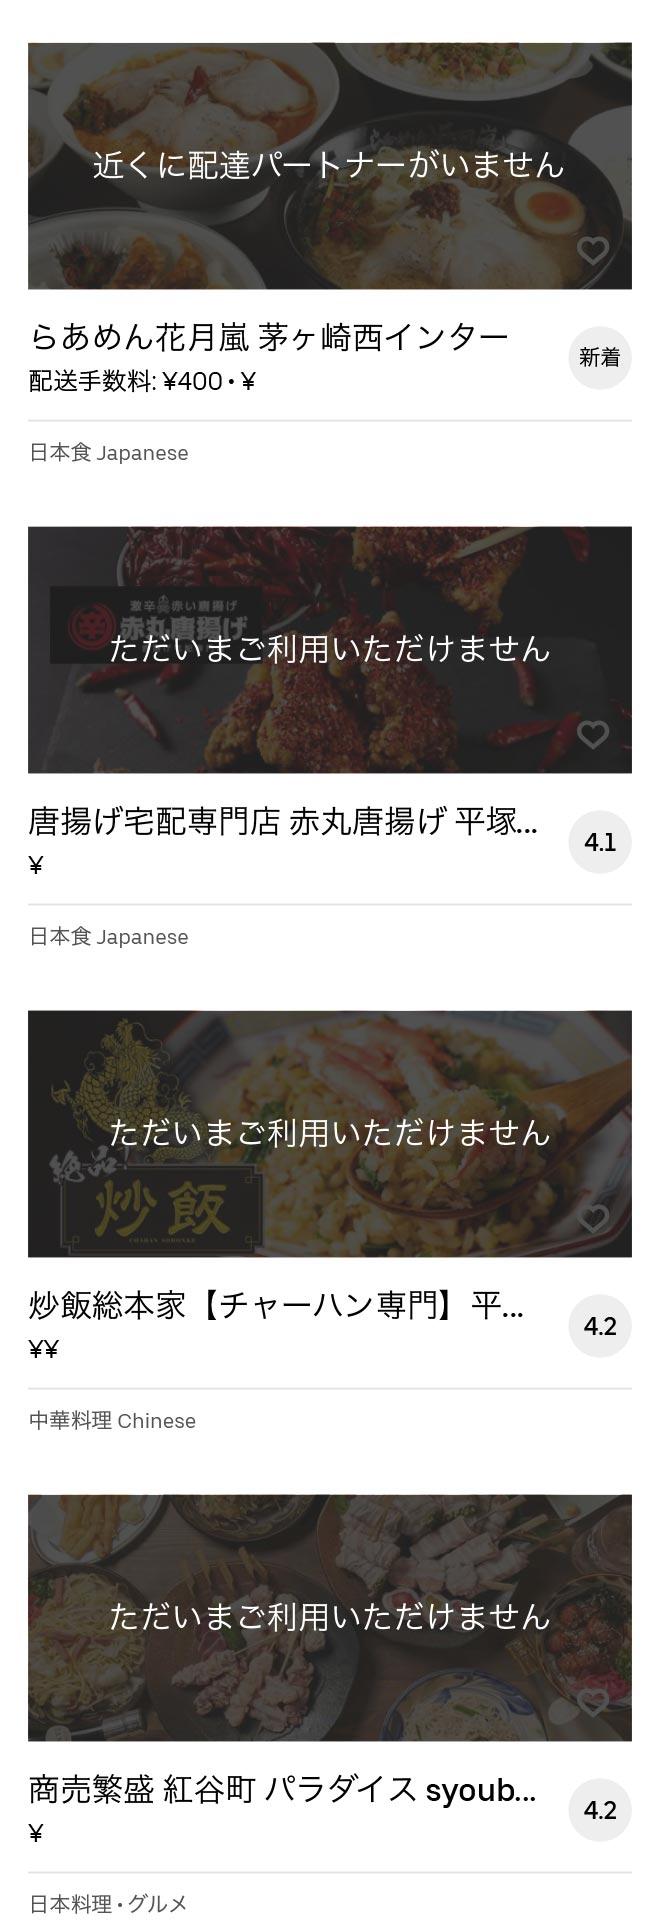 Hiratsuka menu 2008 07